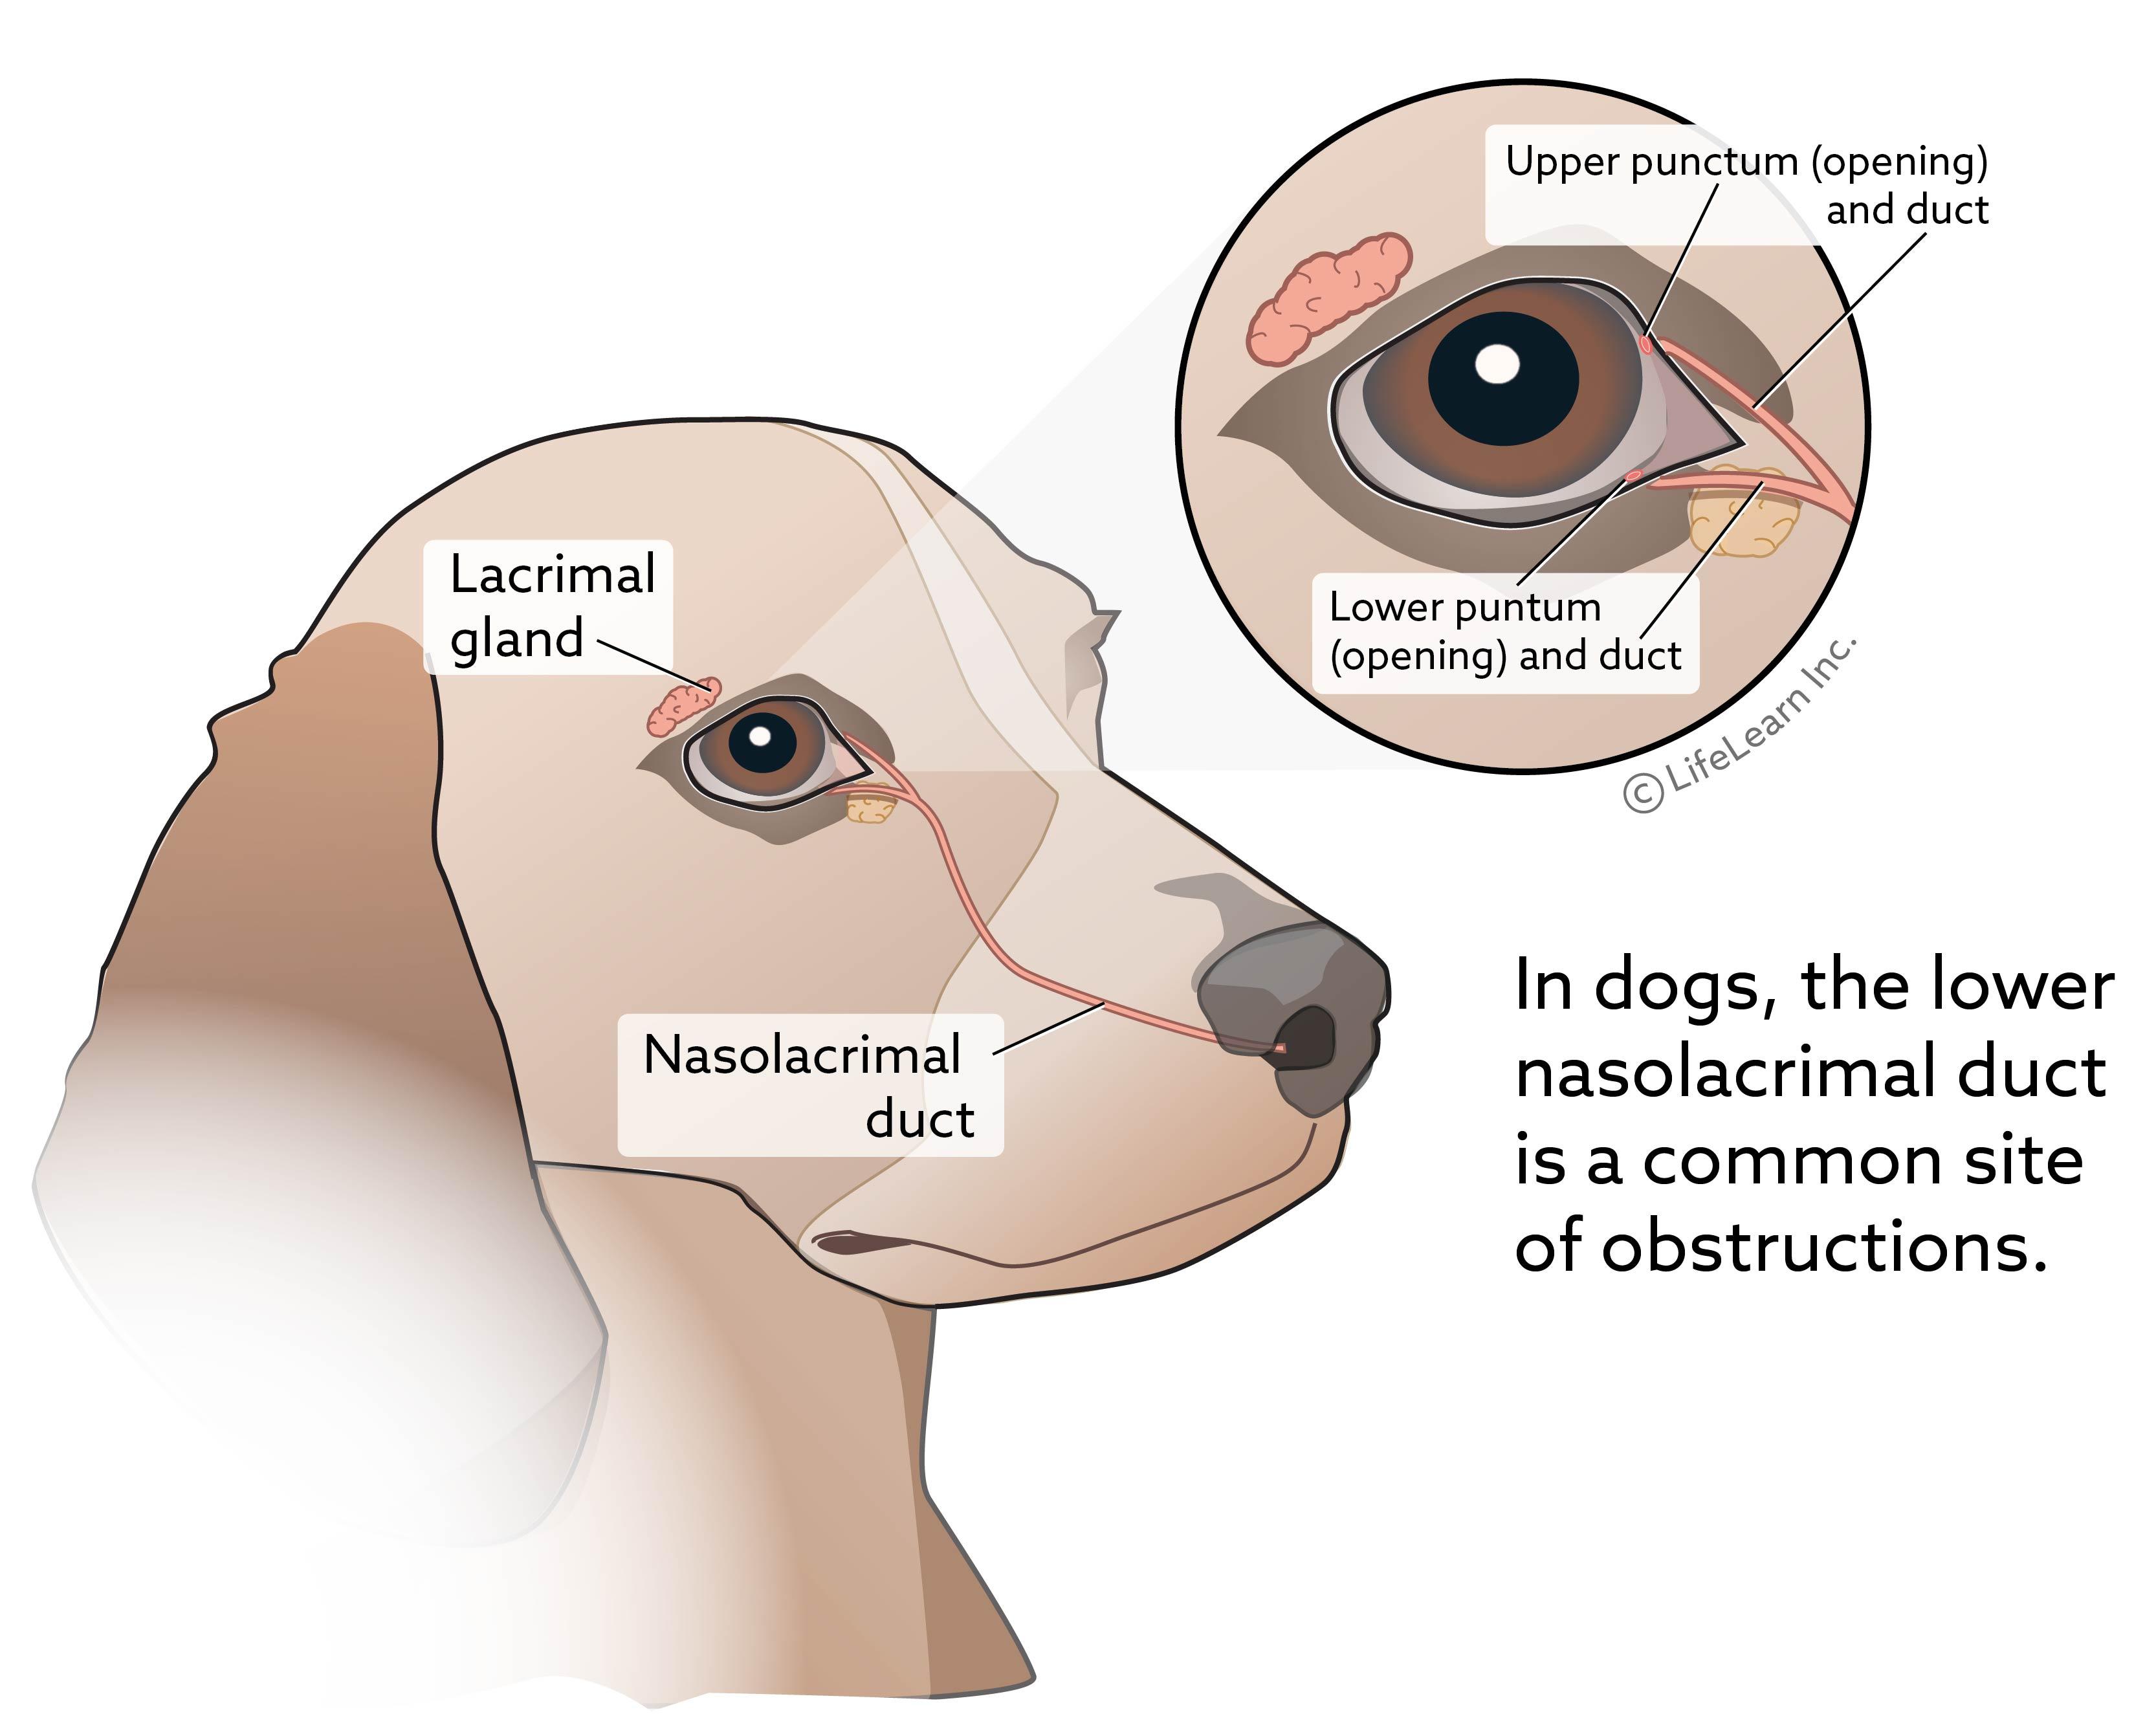 eye_lacrimal_gland2_dog_2018-01